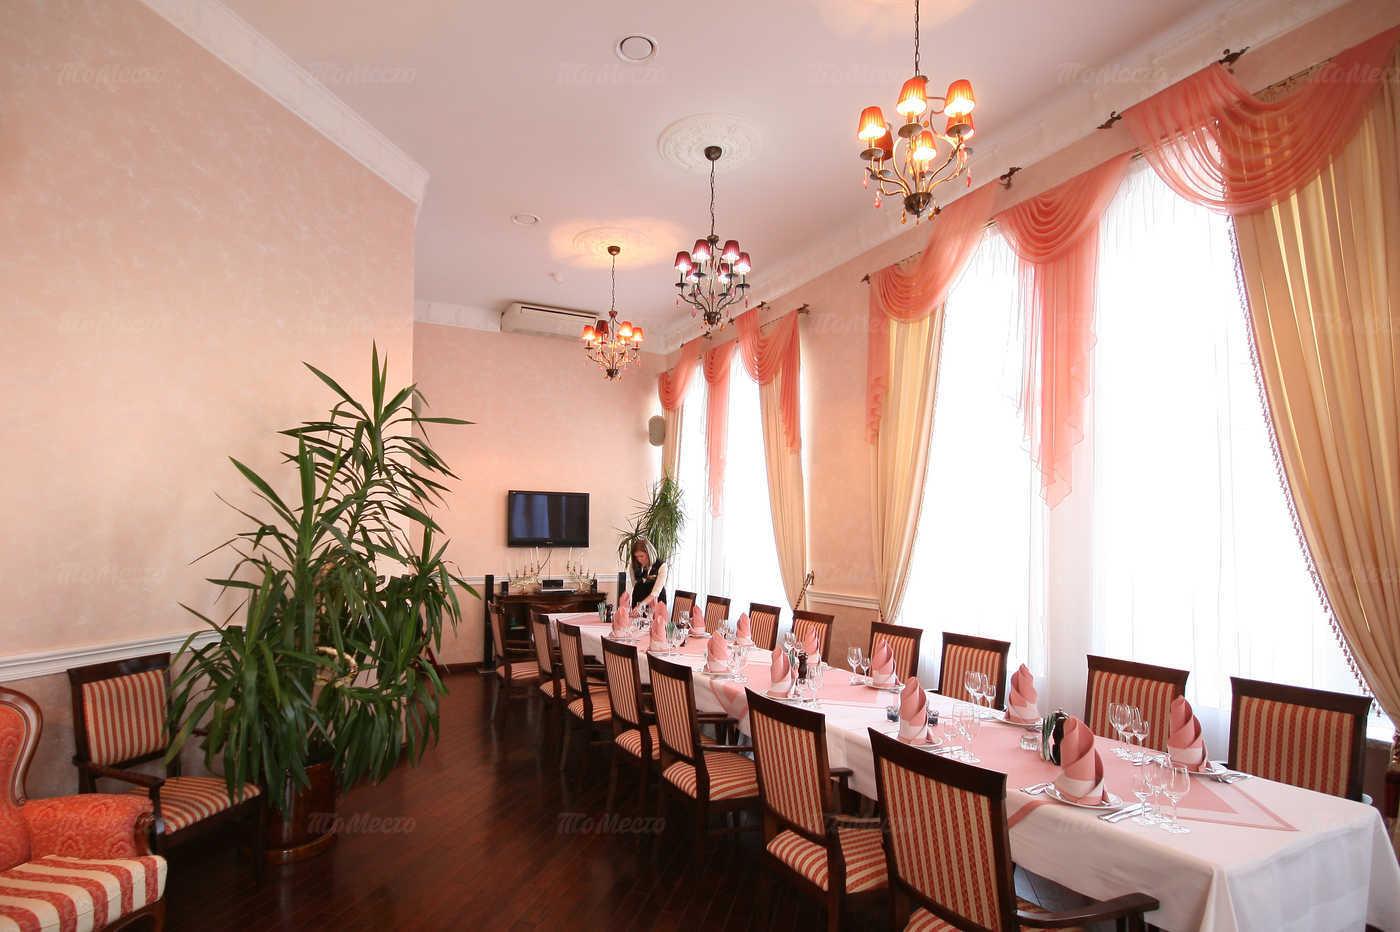 Меню ресторана Москва на улице Максима Горького